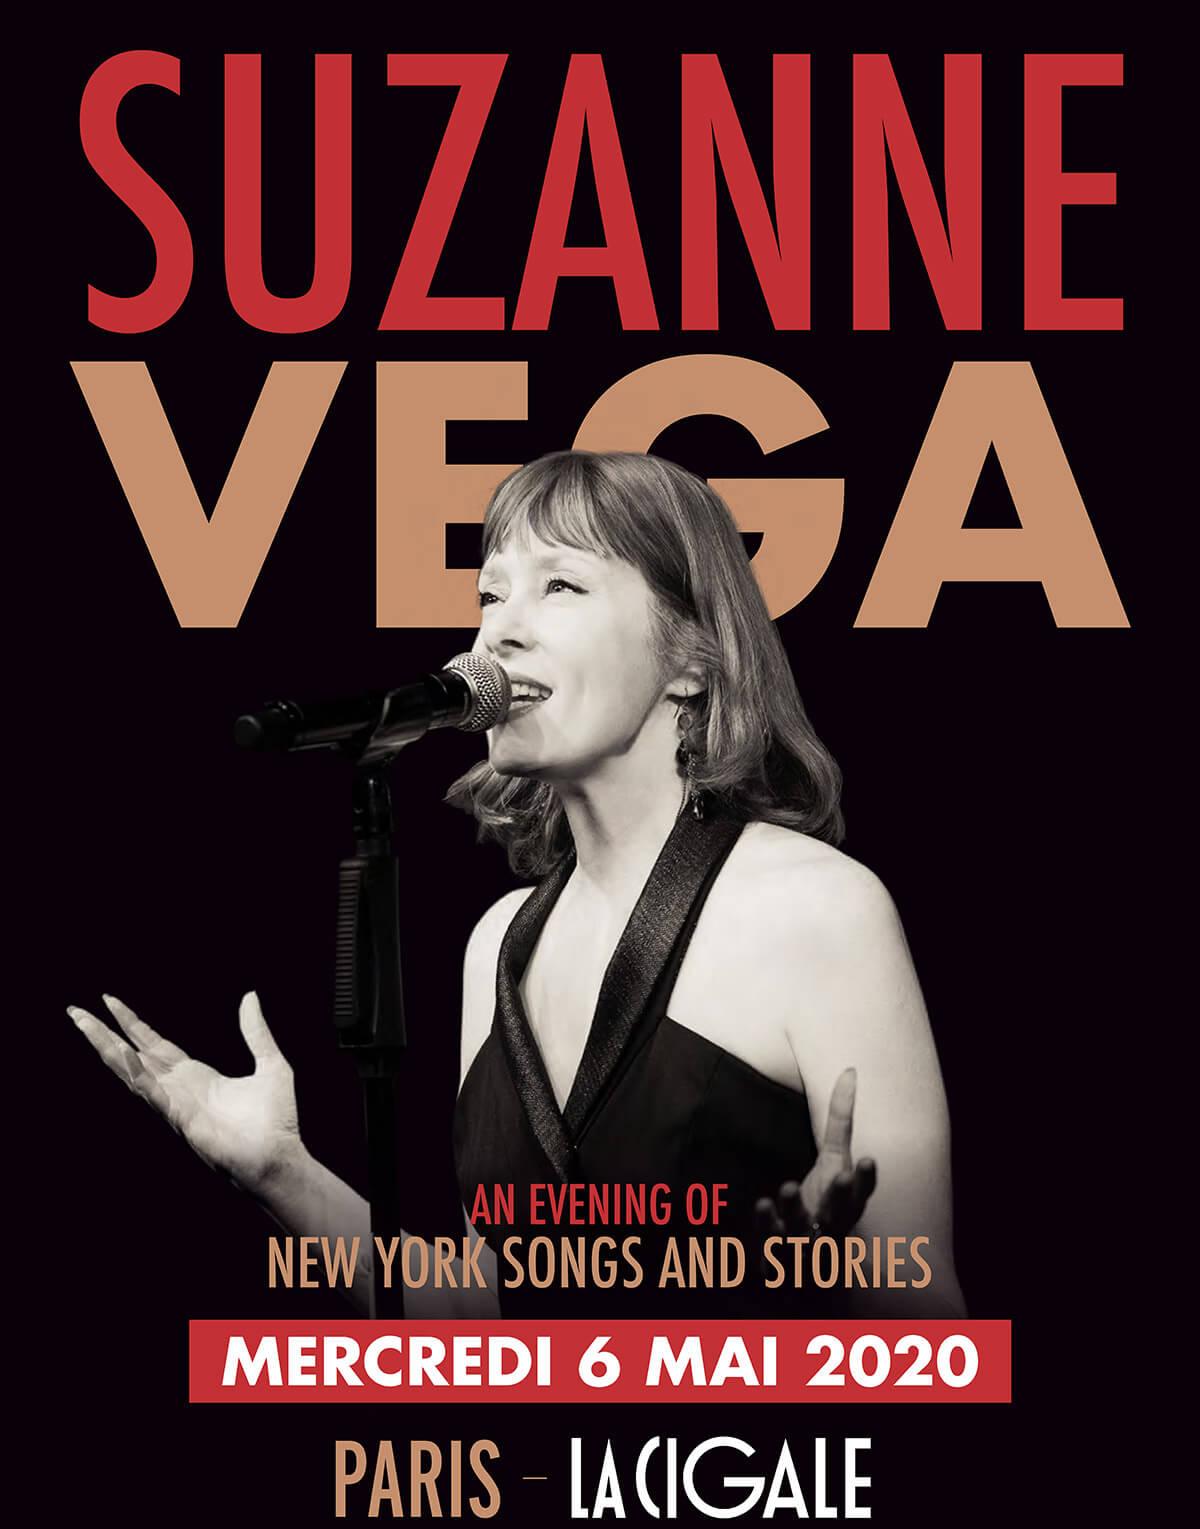 Suzanne Vega en concert à La Cigale le 6 mai 2020